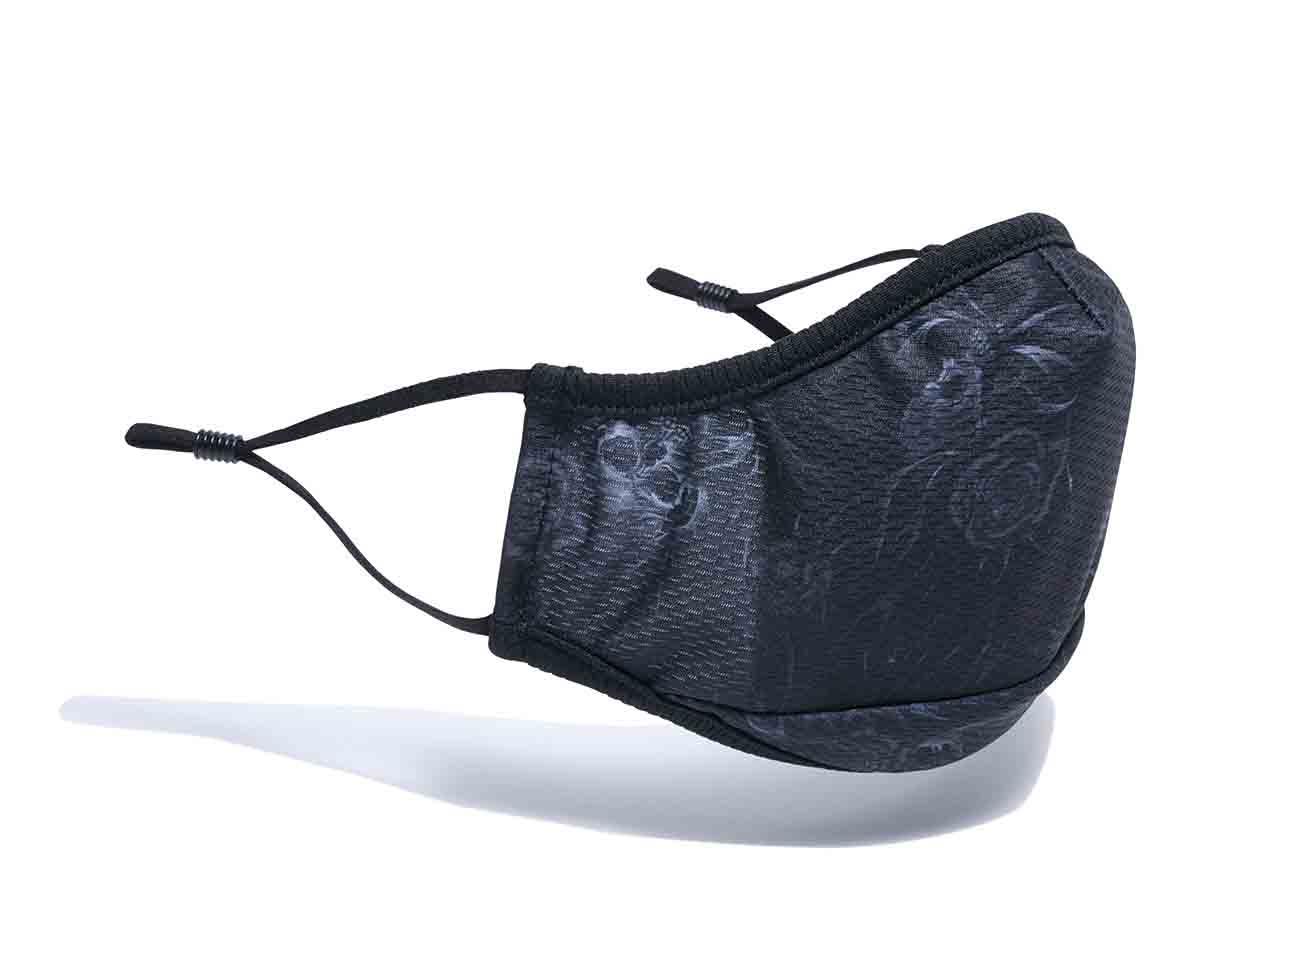 Yohji Yamamoto × New Era Face Covering Mask